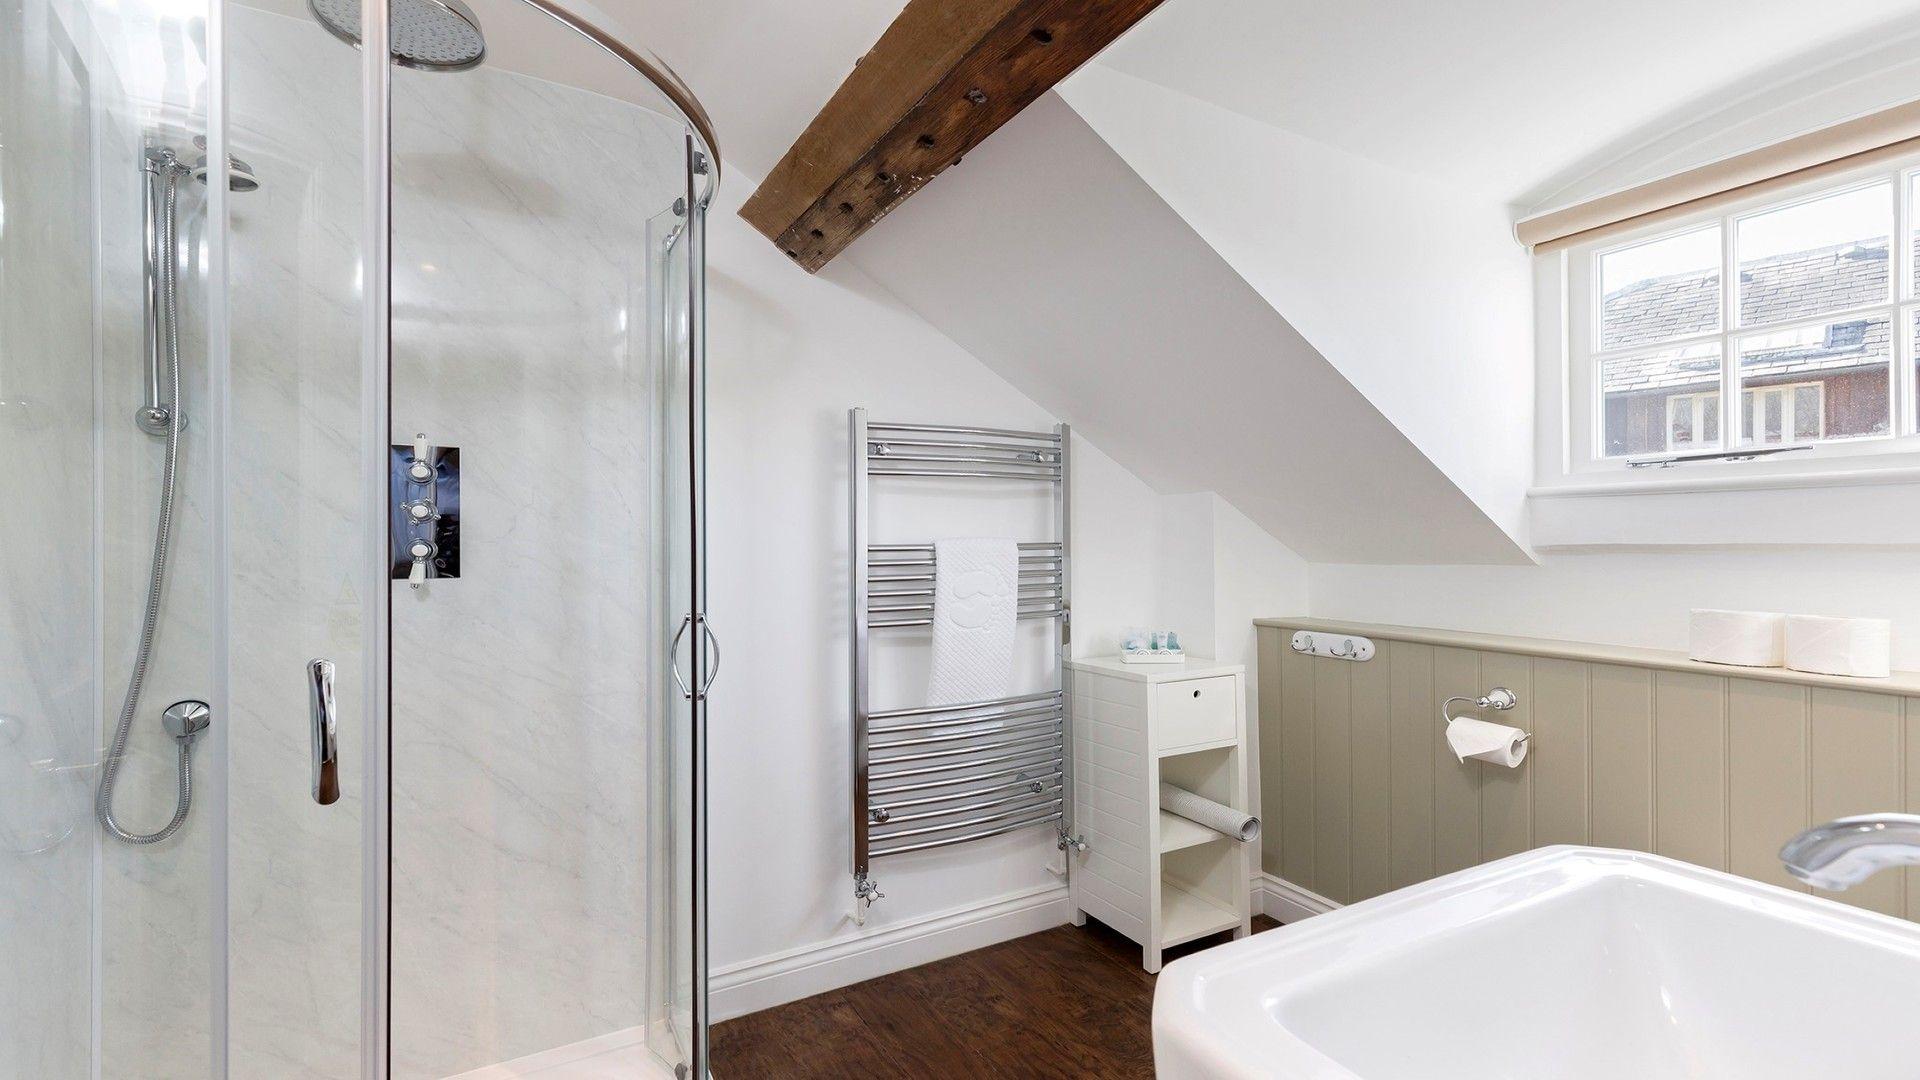 Shower room, George III, Bolthole Retreats